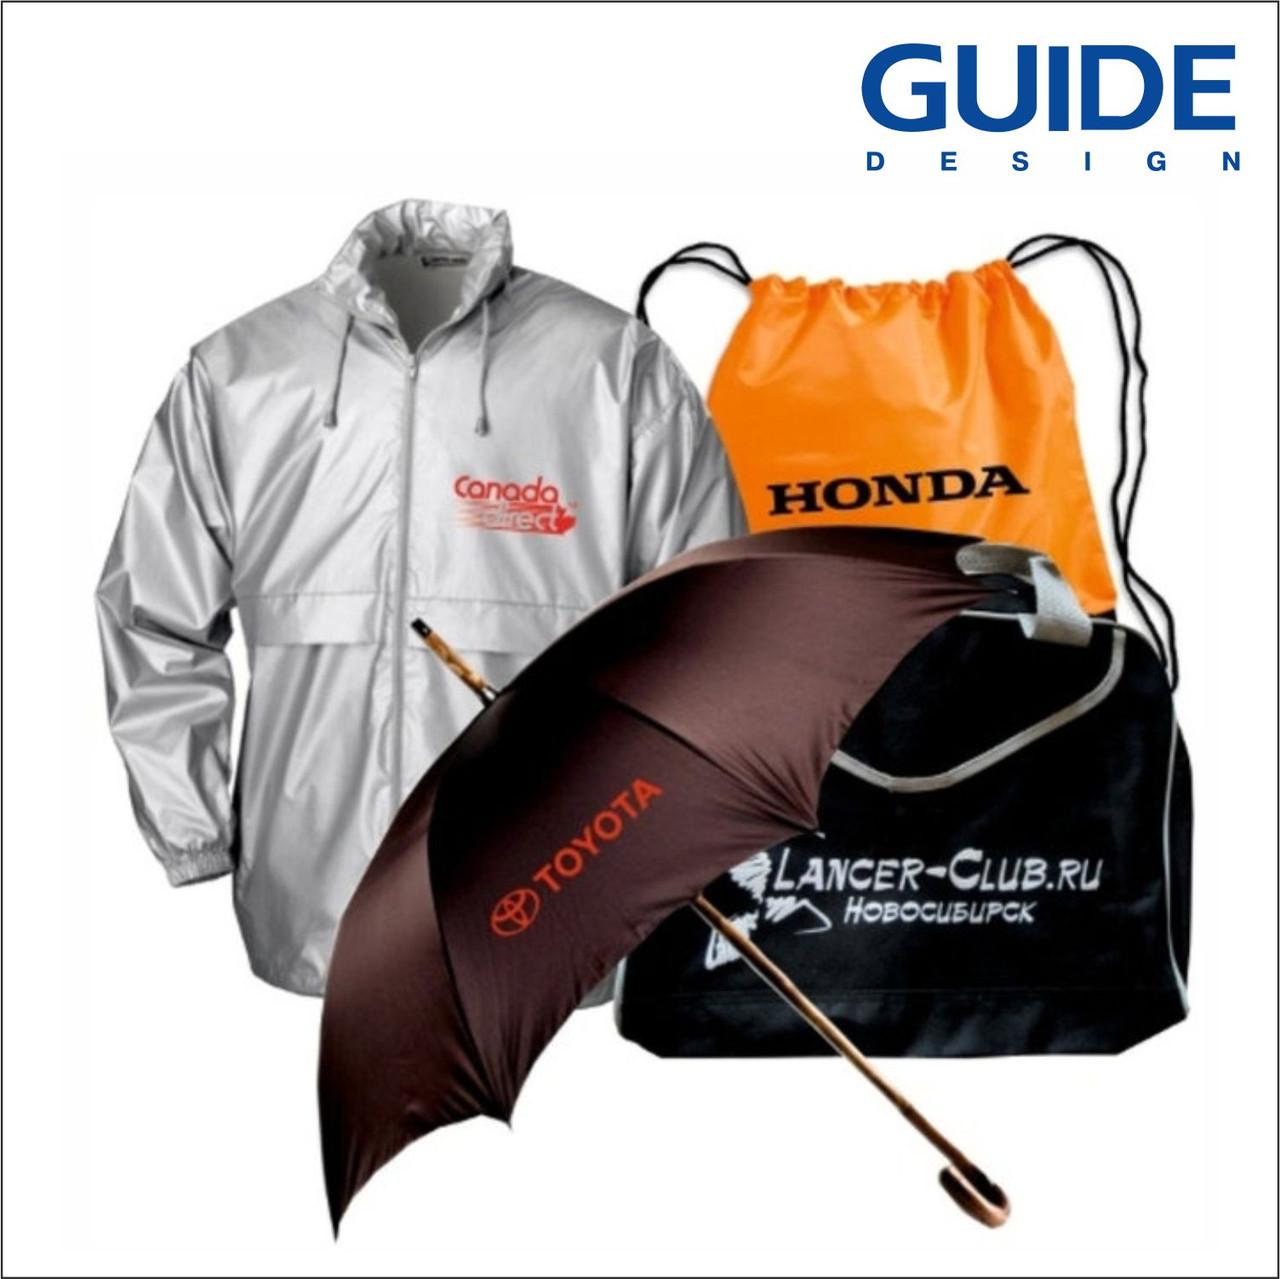 Нанесение логотипа на зонты, куртки, сумки, рюкзаки